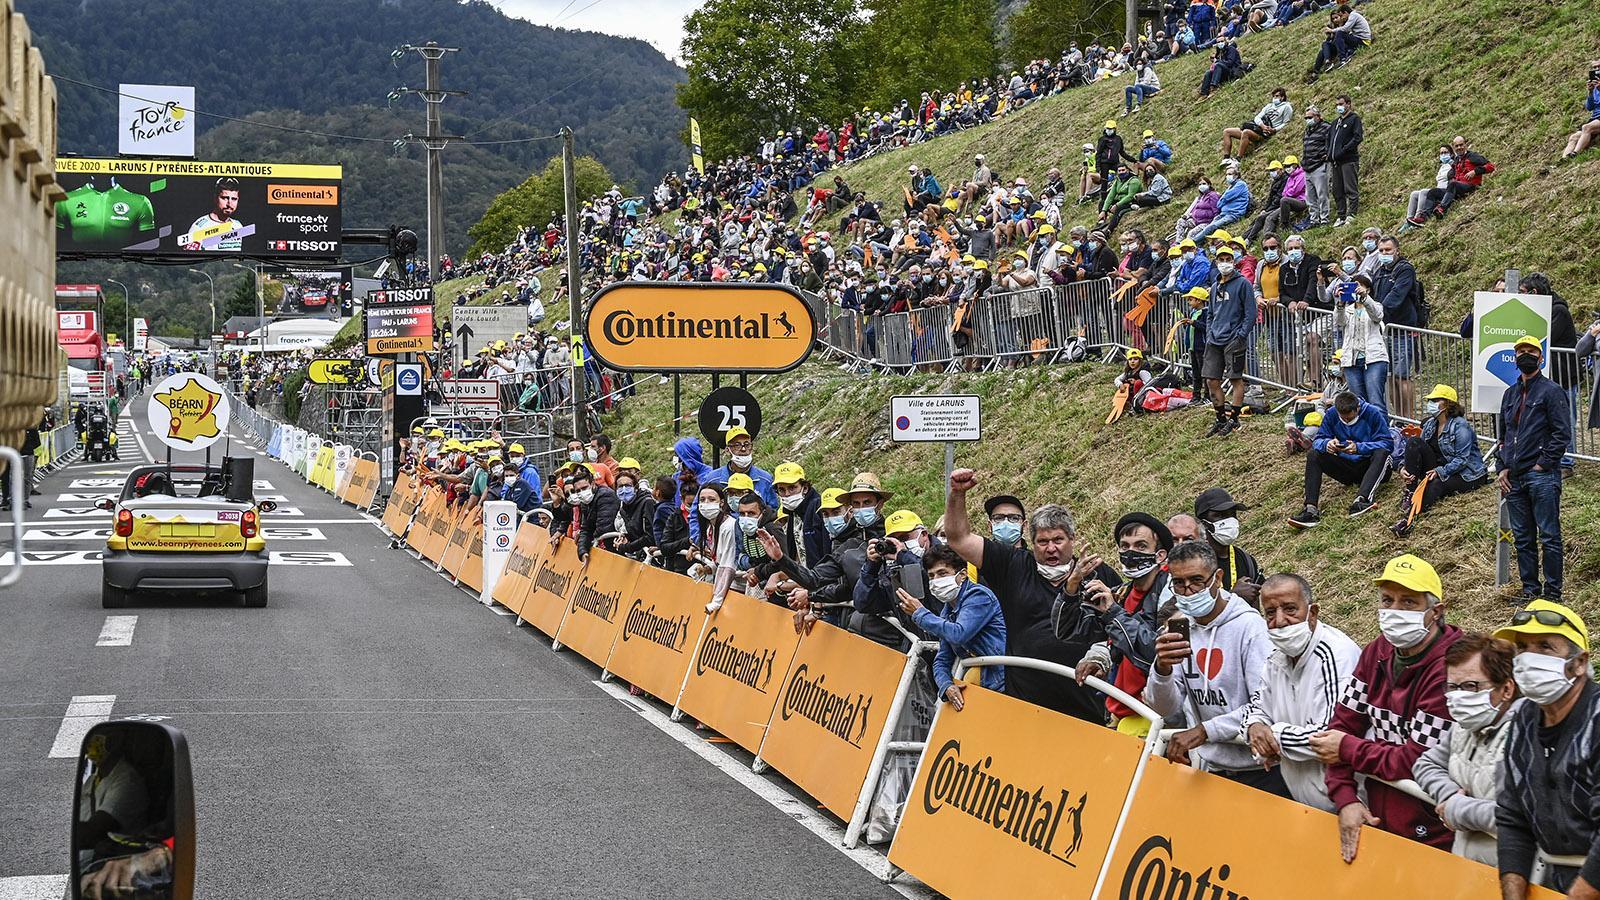 Die Werbekarawane der Tour de Frnce hat ihrTagesziel erreicht: Laruns. Foto: Hilke Maunder